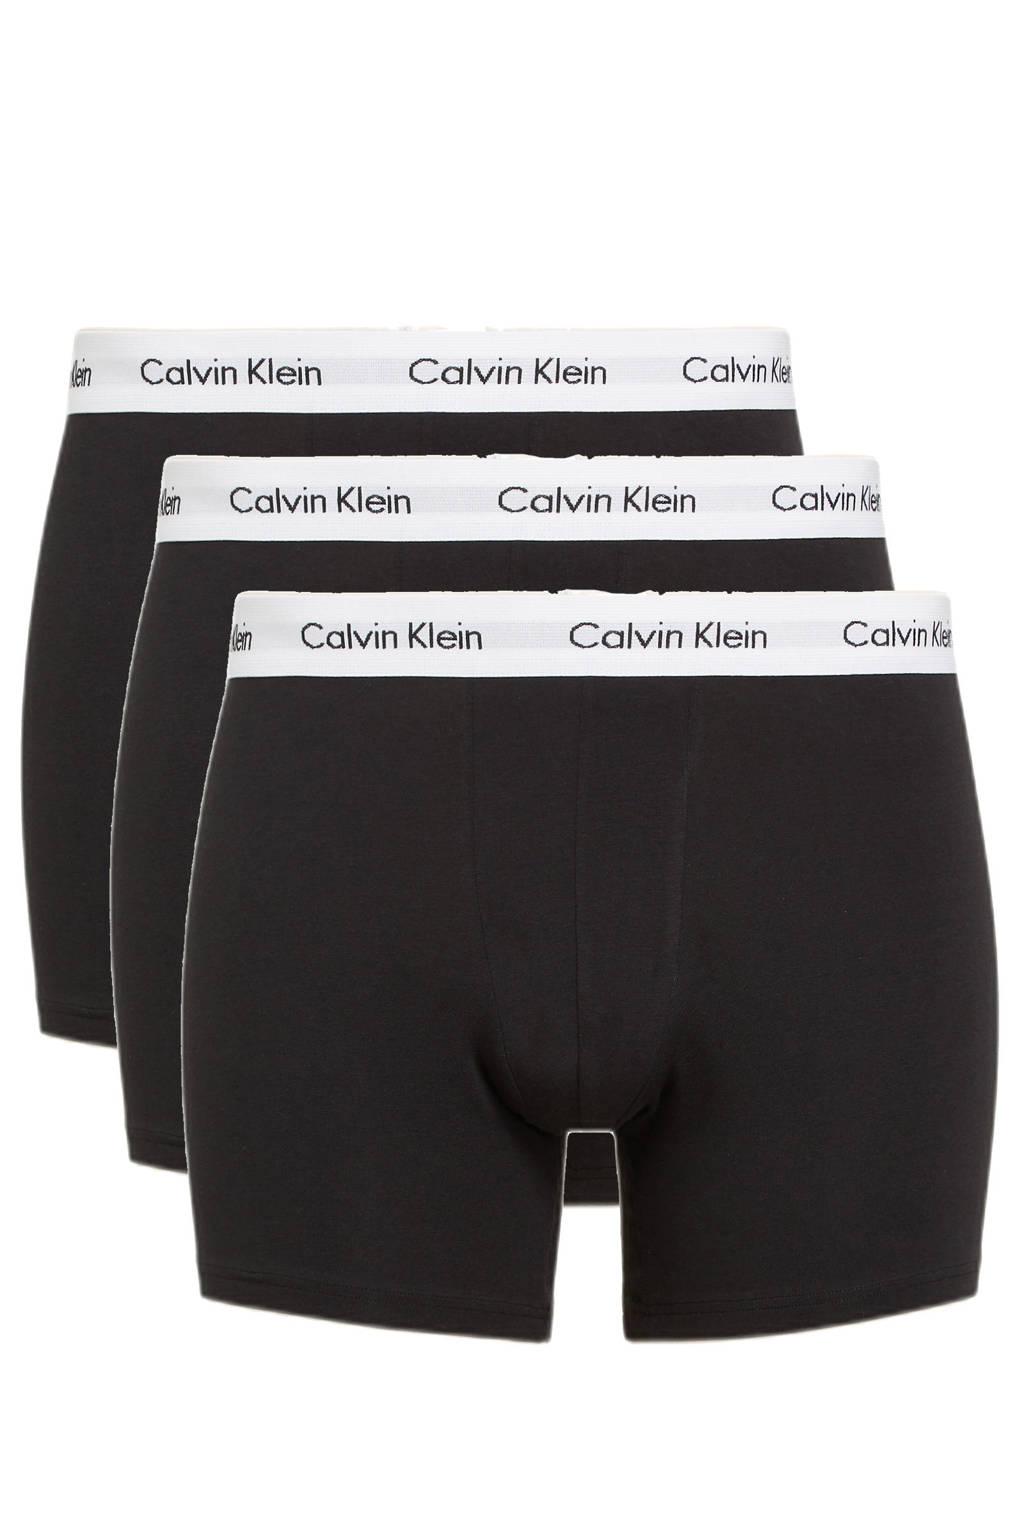 CALVIN KLEIN UNDERWEAR +size boxershort (set van 3), Zwart